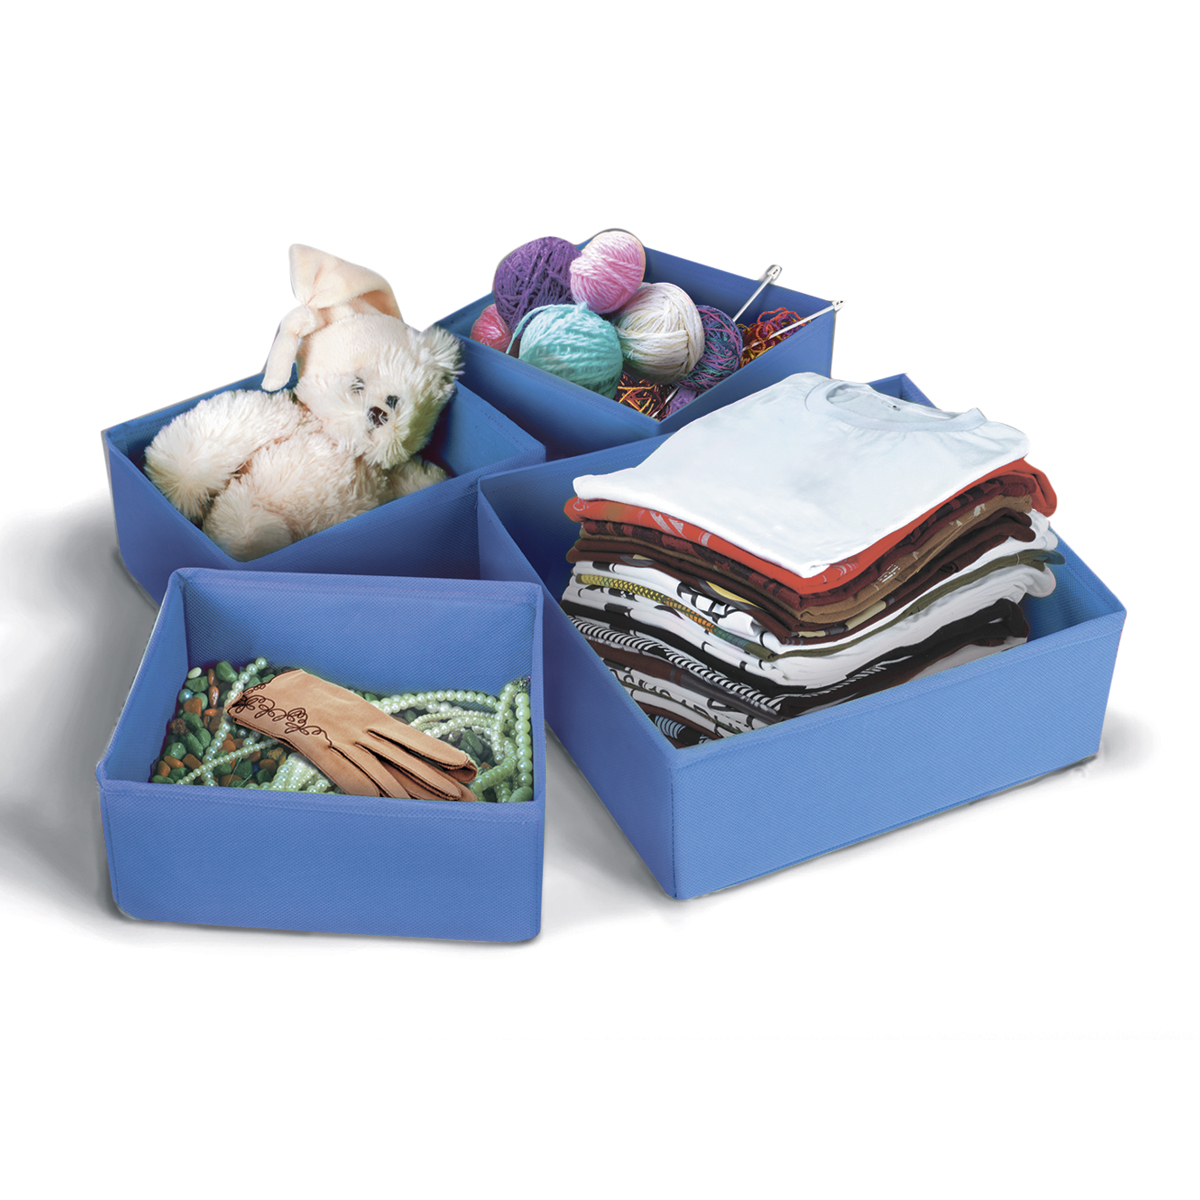 Набор коробок для хранения вещей Miolla, цвет: синий, 4 штБрелок для ключейНабор Miolla состоит из 4 коробок разного размера для хранения различных вещей. Коробки выполнены из высококачественного нетканого материала, который не пропускает пыль, но при этом позволяет воздуху свободно проникать внутрь, обеспечивая естественную вентиляцию. Благодаря специальным картонным вставкам, коробки прекрасно держат форму. Особая конструкция позволяет при необходимости сложить или разложить коробку. Благодаря вместительности коробок вы сможете сэкономить место в вашем доме, и все вещи всегда будут в порядке.Размеры коробок: 26 х 26 х 8 см, 26 х 14 х 8 см, 20 х 16 х 8 см, 20 х 16 х 8 см.